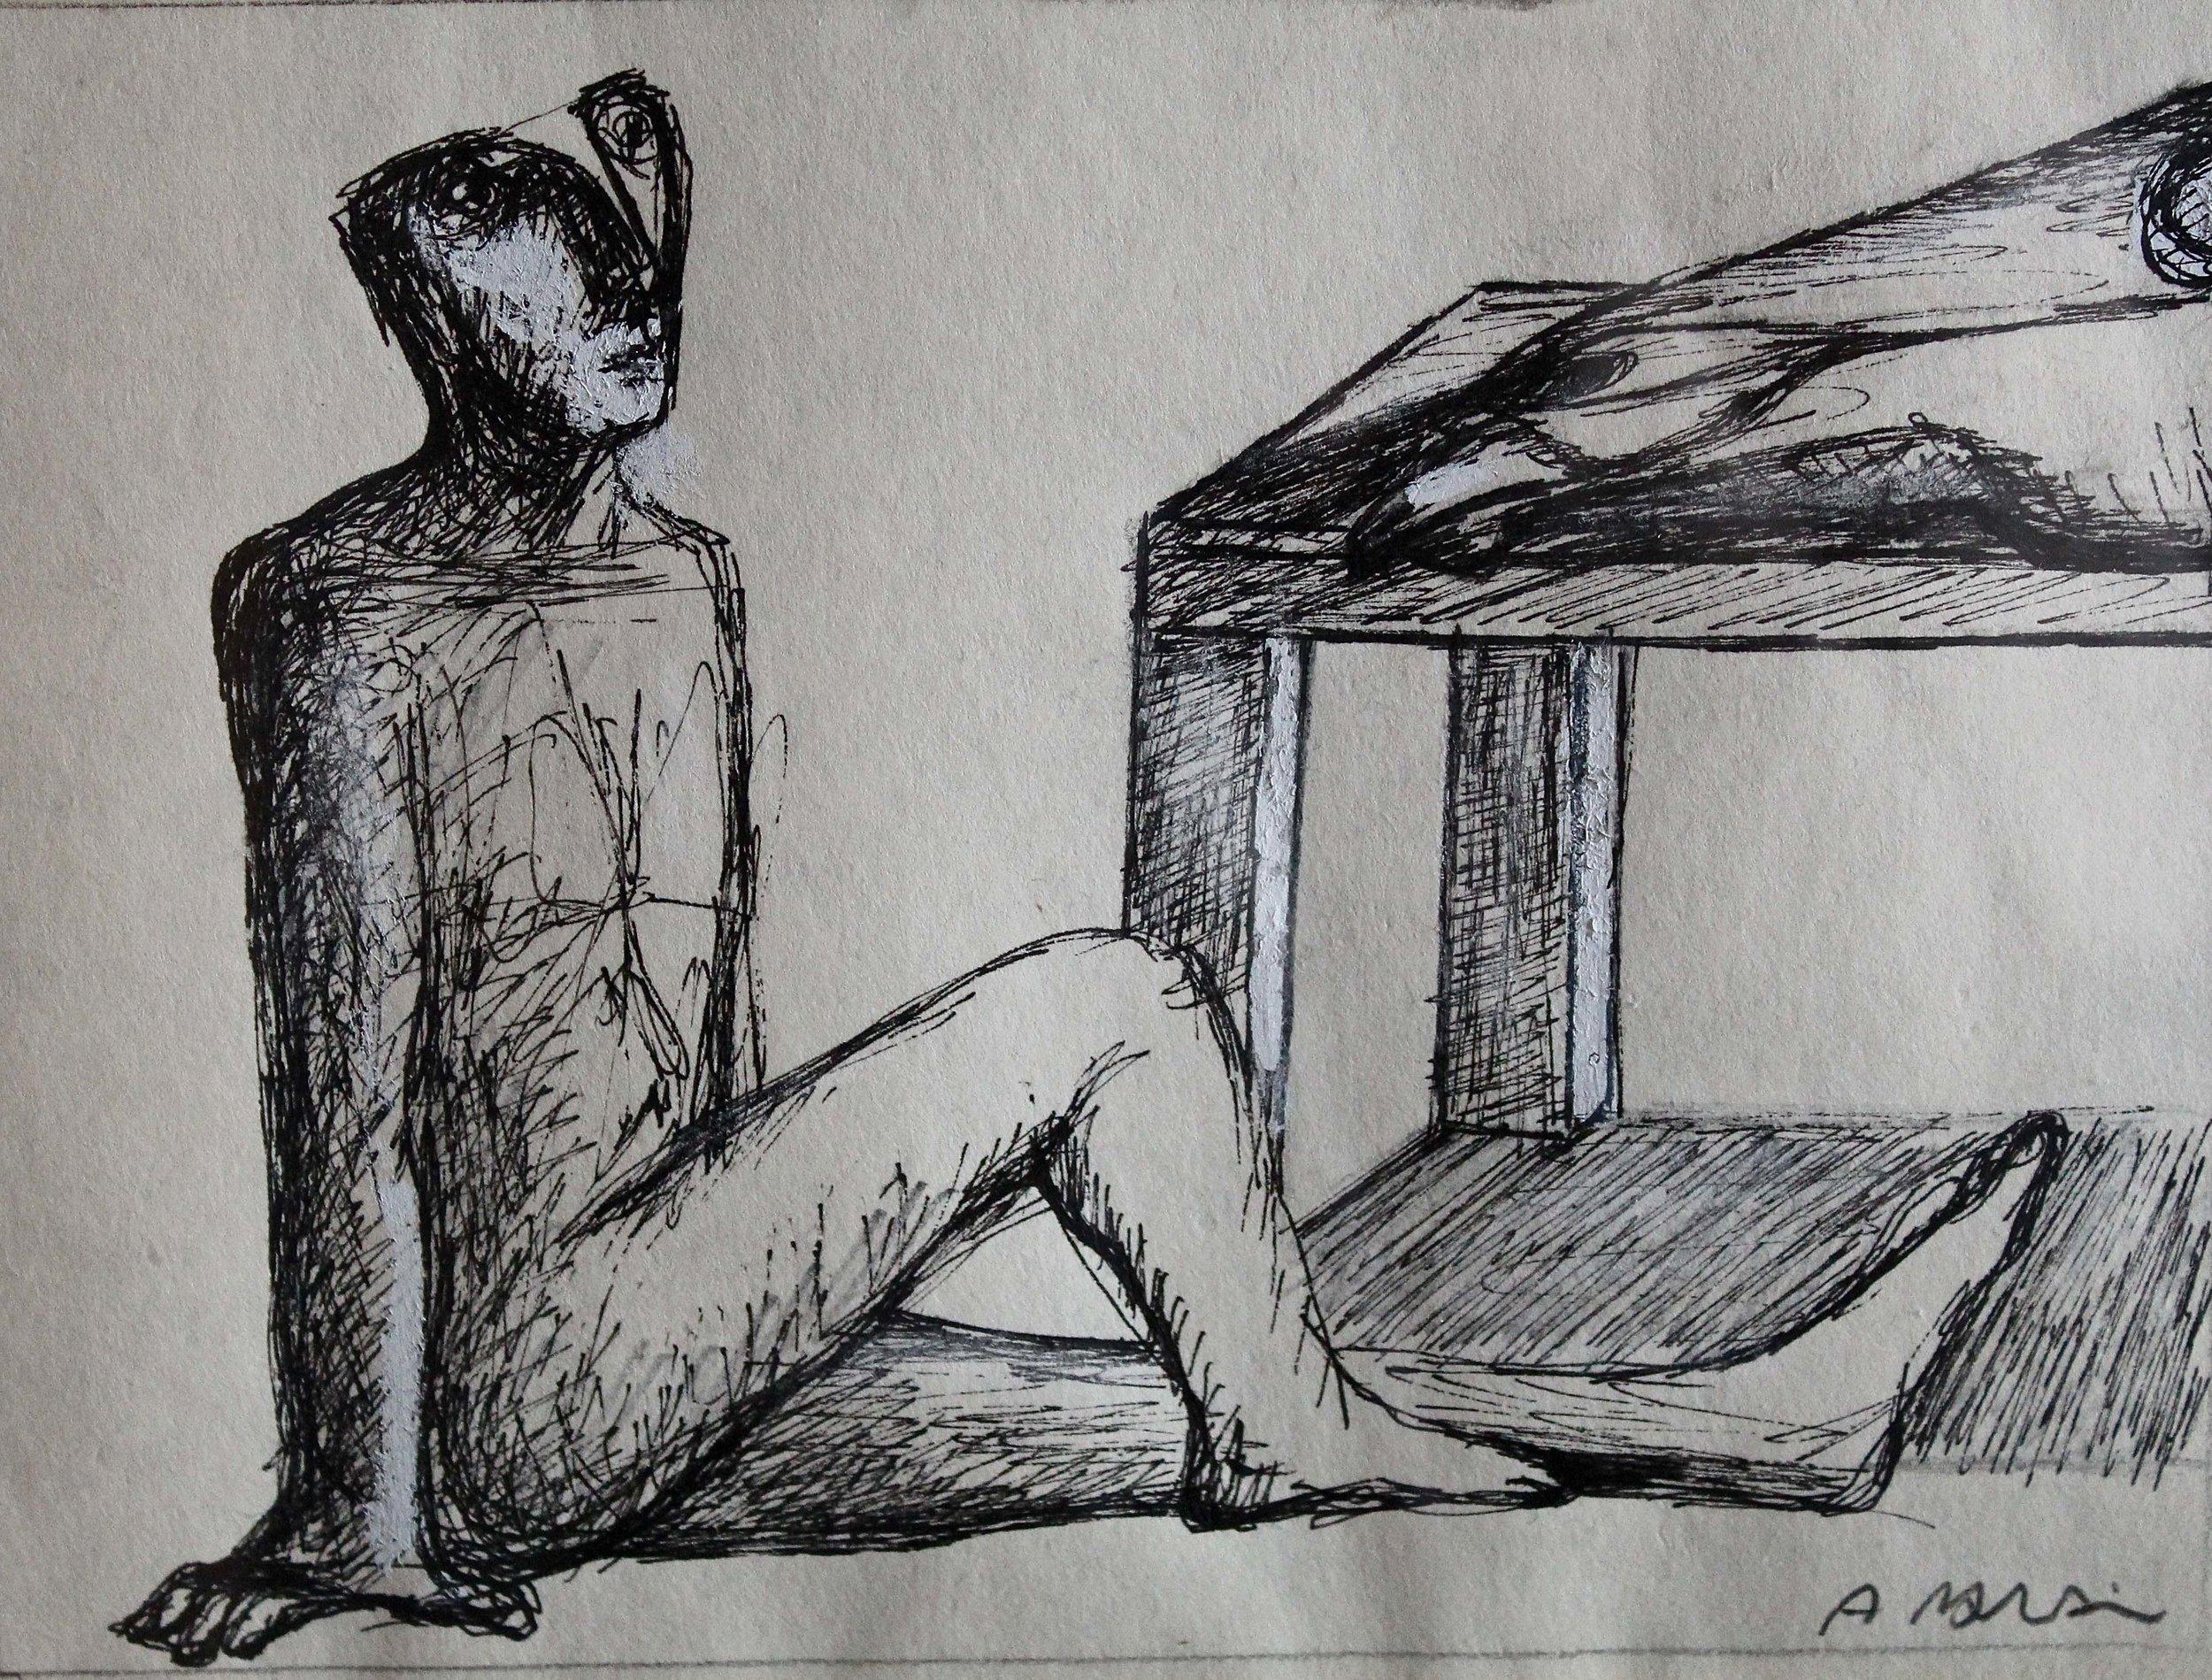 Ahmed_Morsi_(Cairo)_Drawings59 copy.jpg